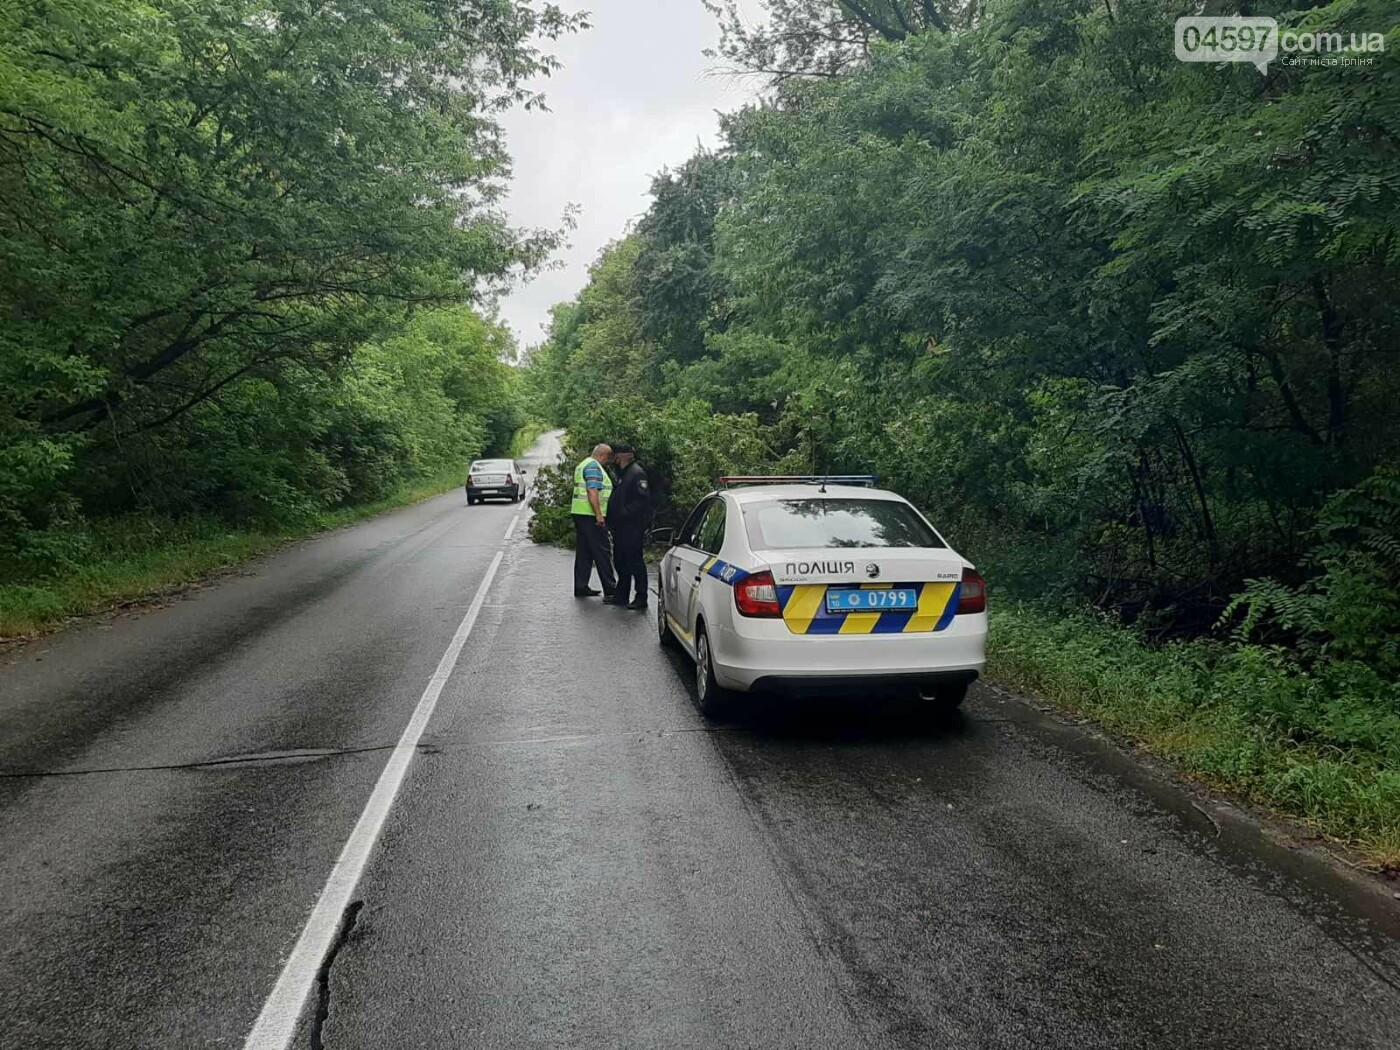 В Гостомелі дерево впало на дорогу, фото-3